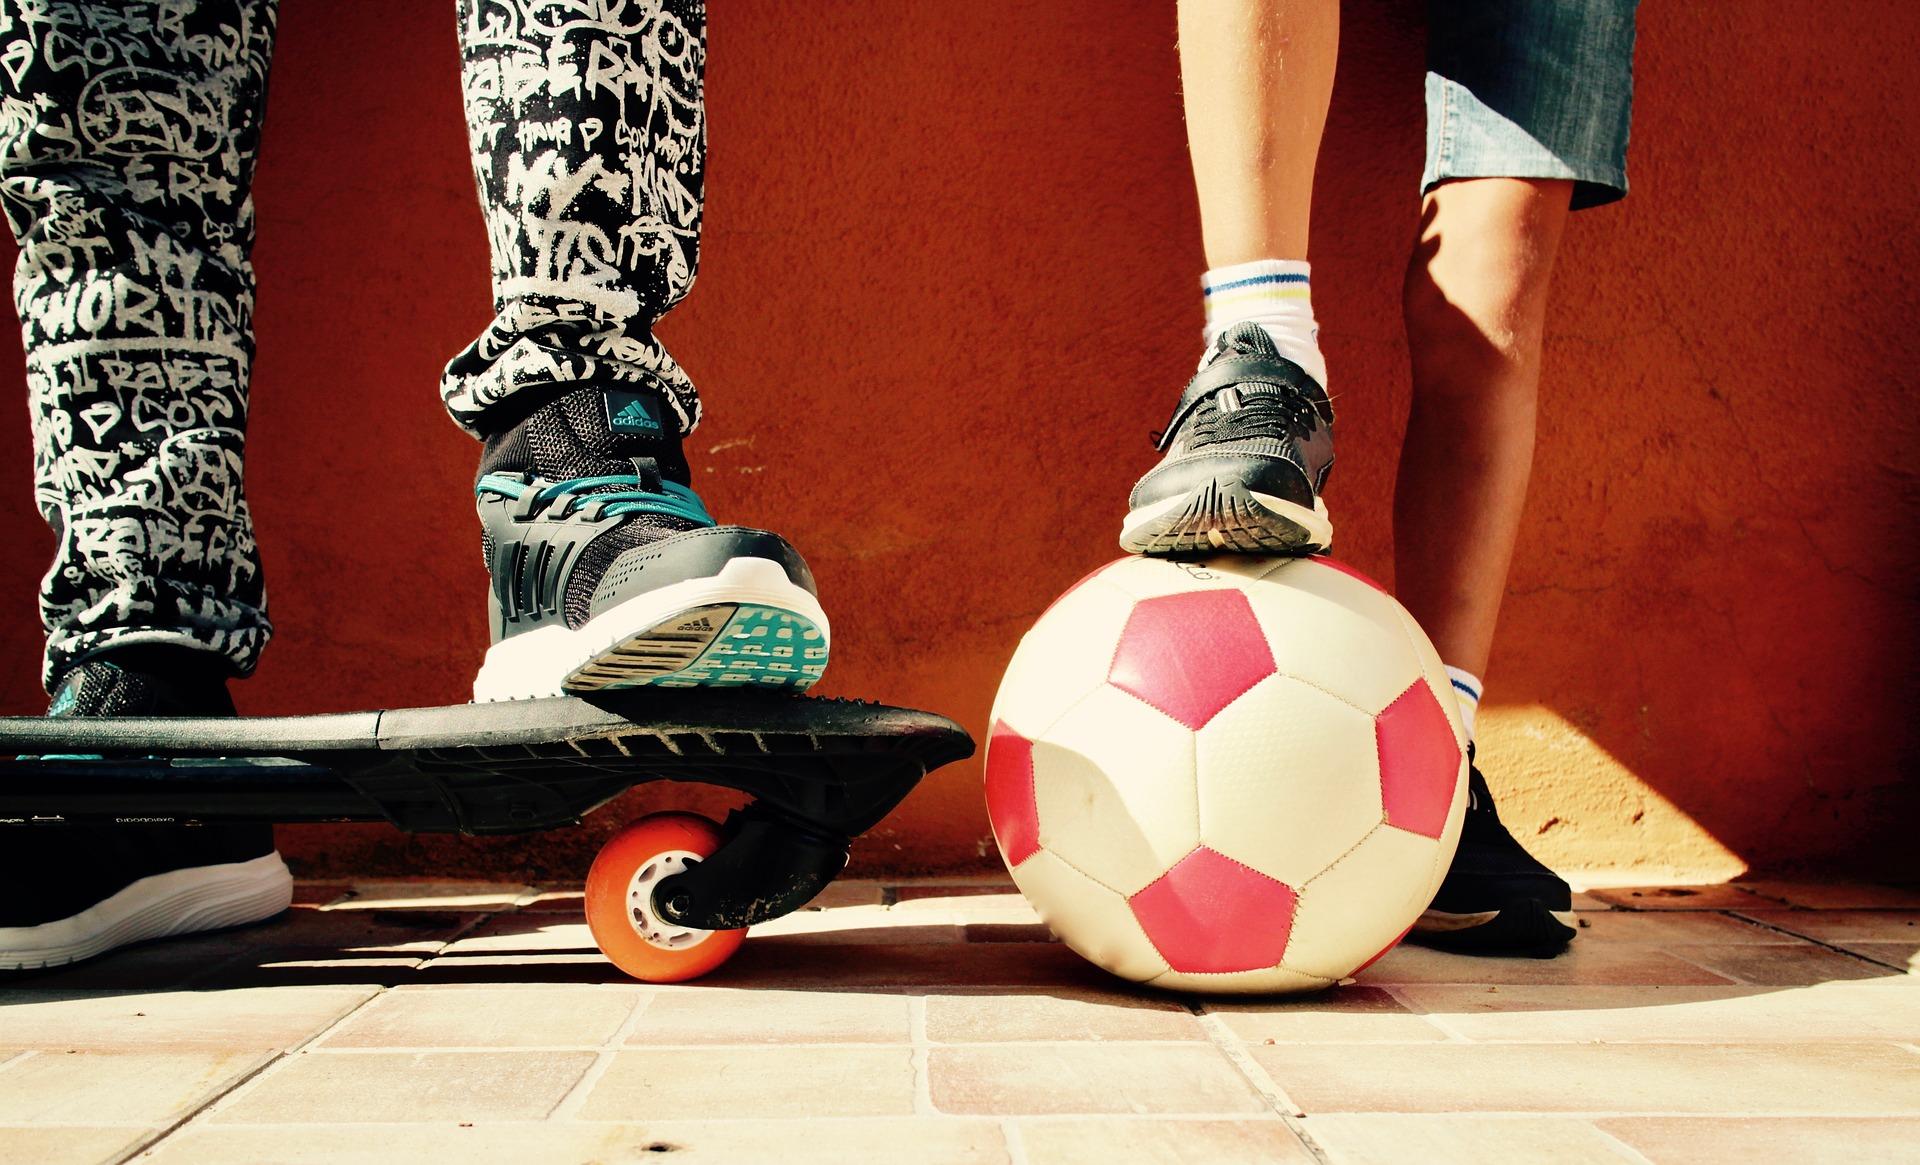 Fermare lo sport concretizza una lesione dei diritti fondamentali